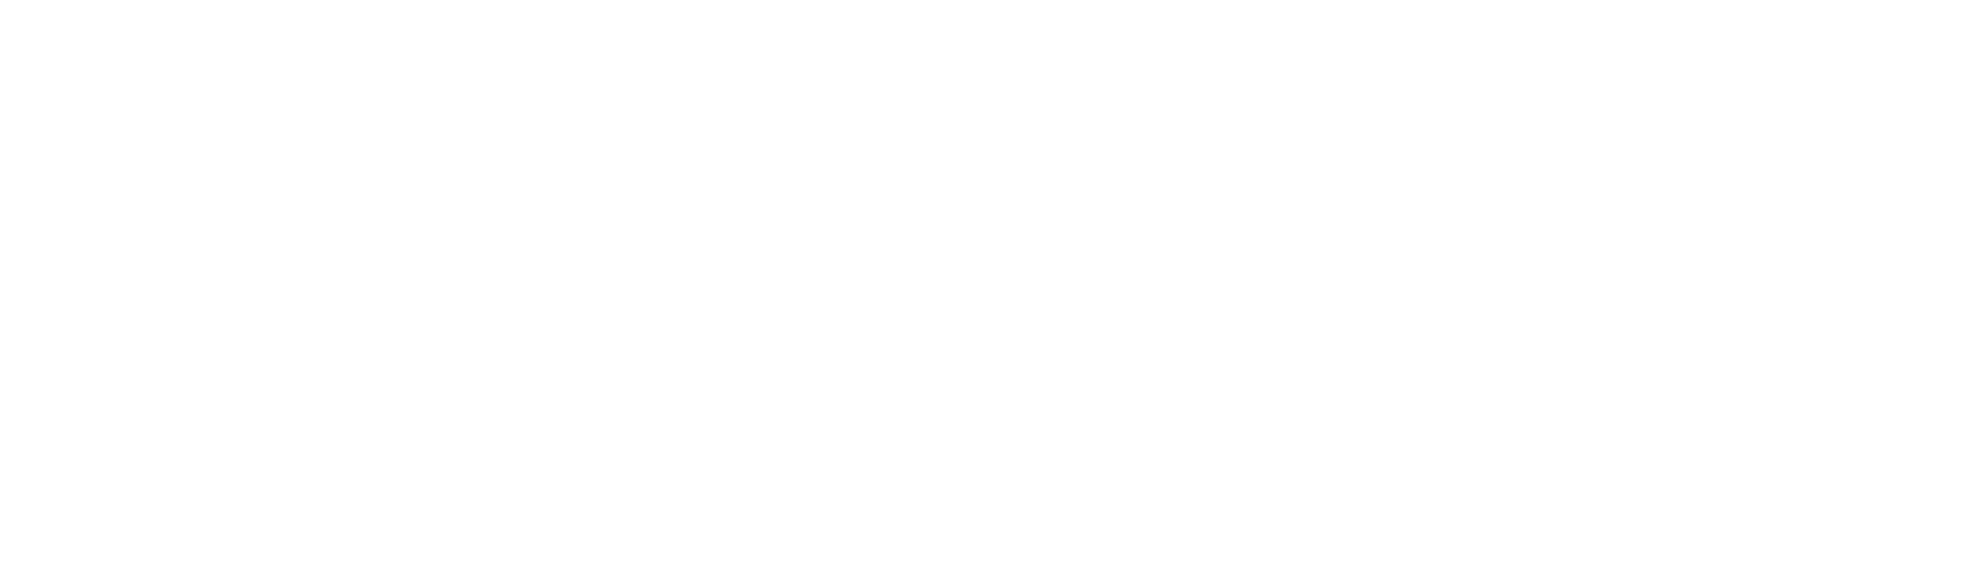 Beacon Hill Church